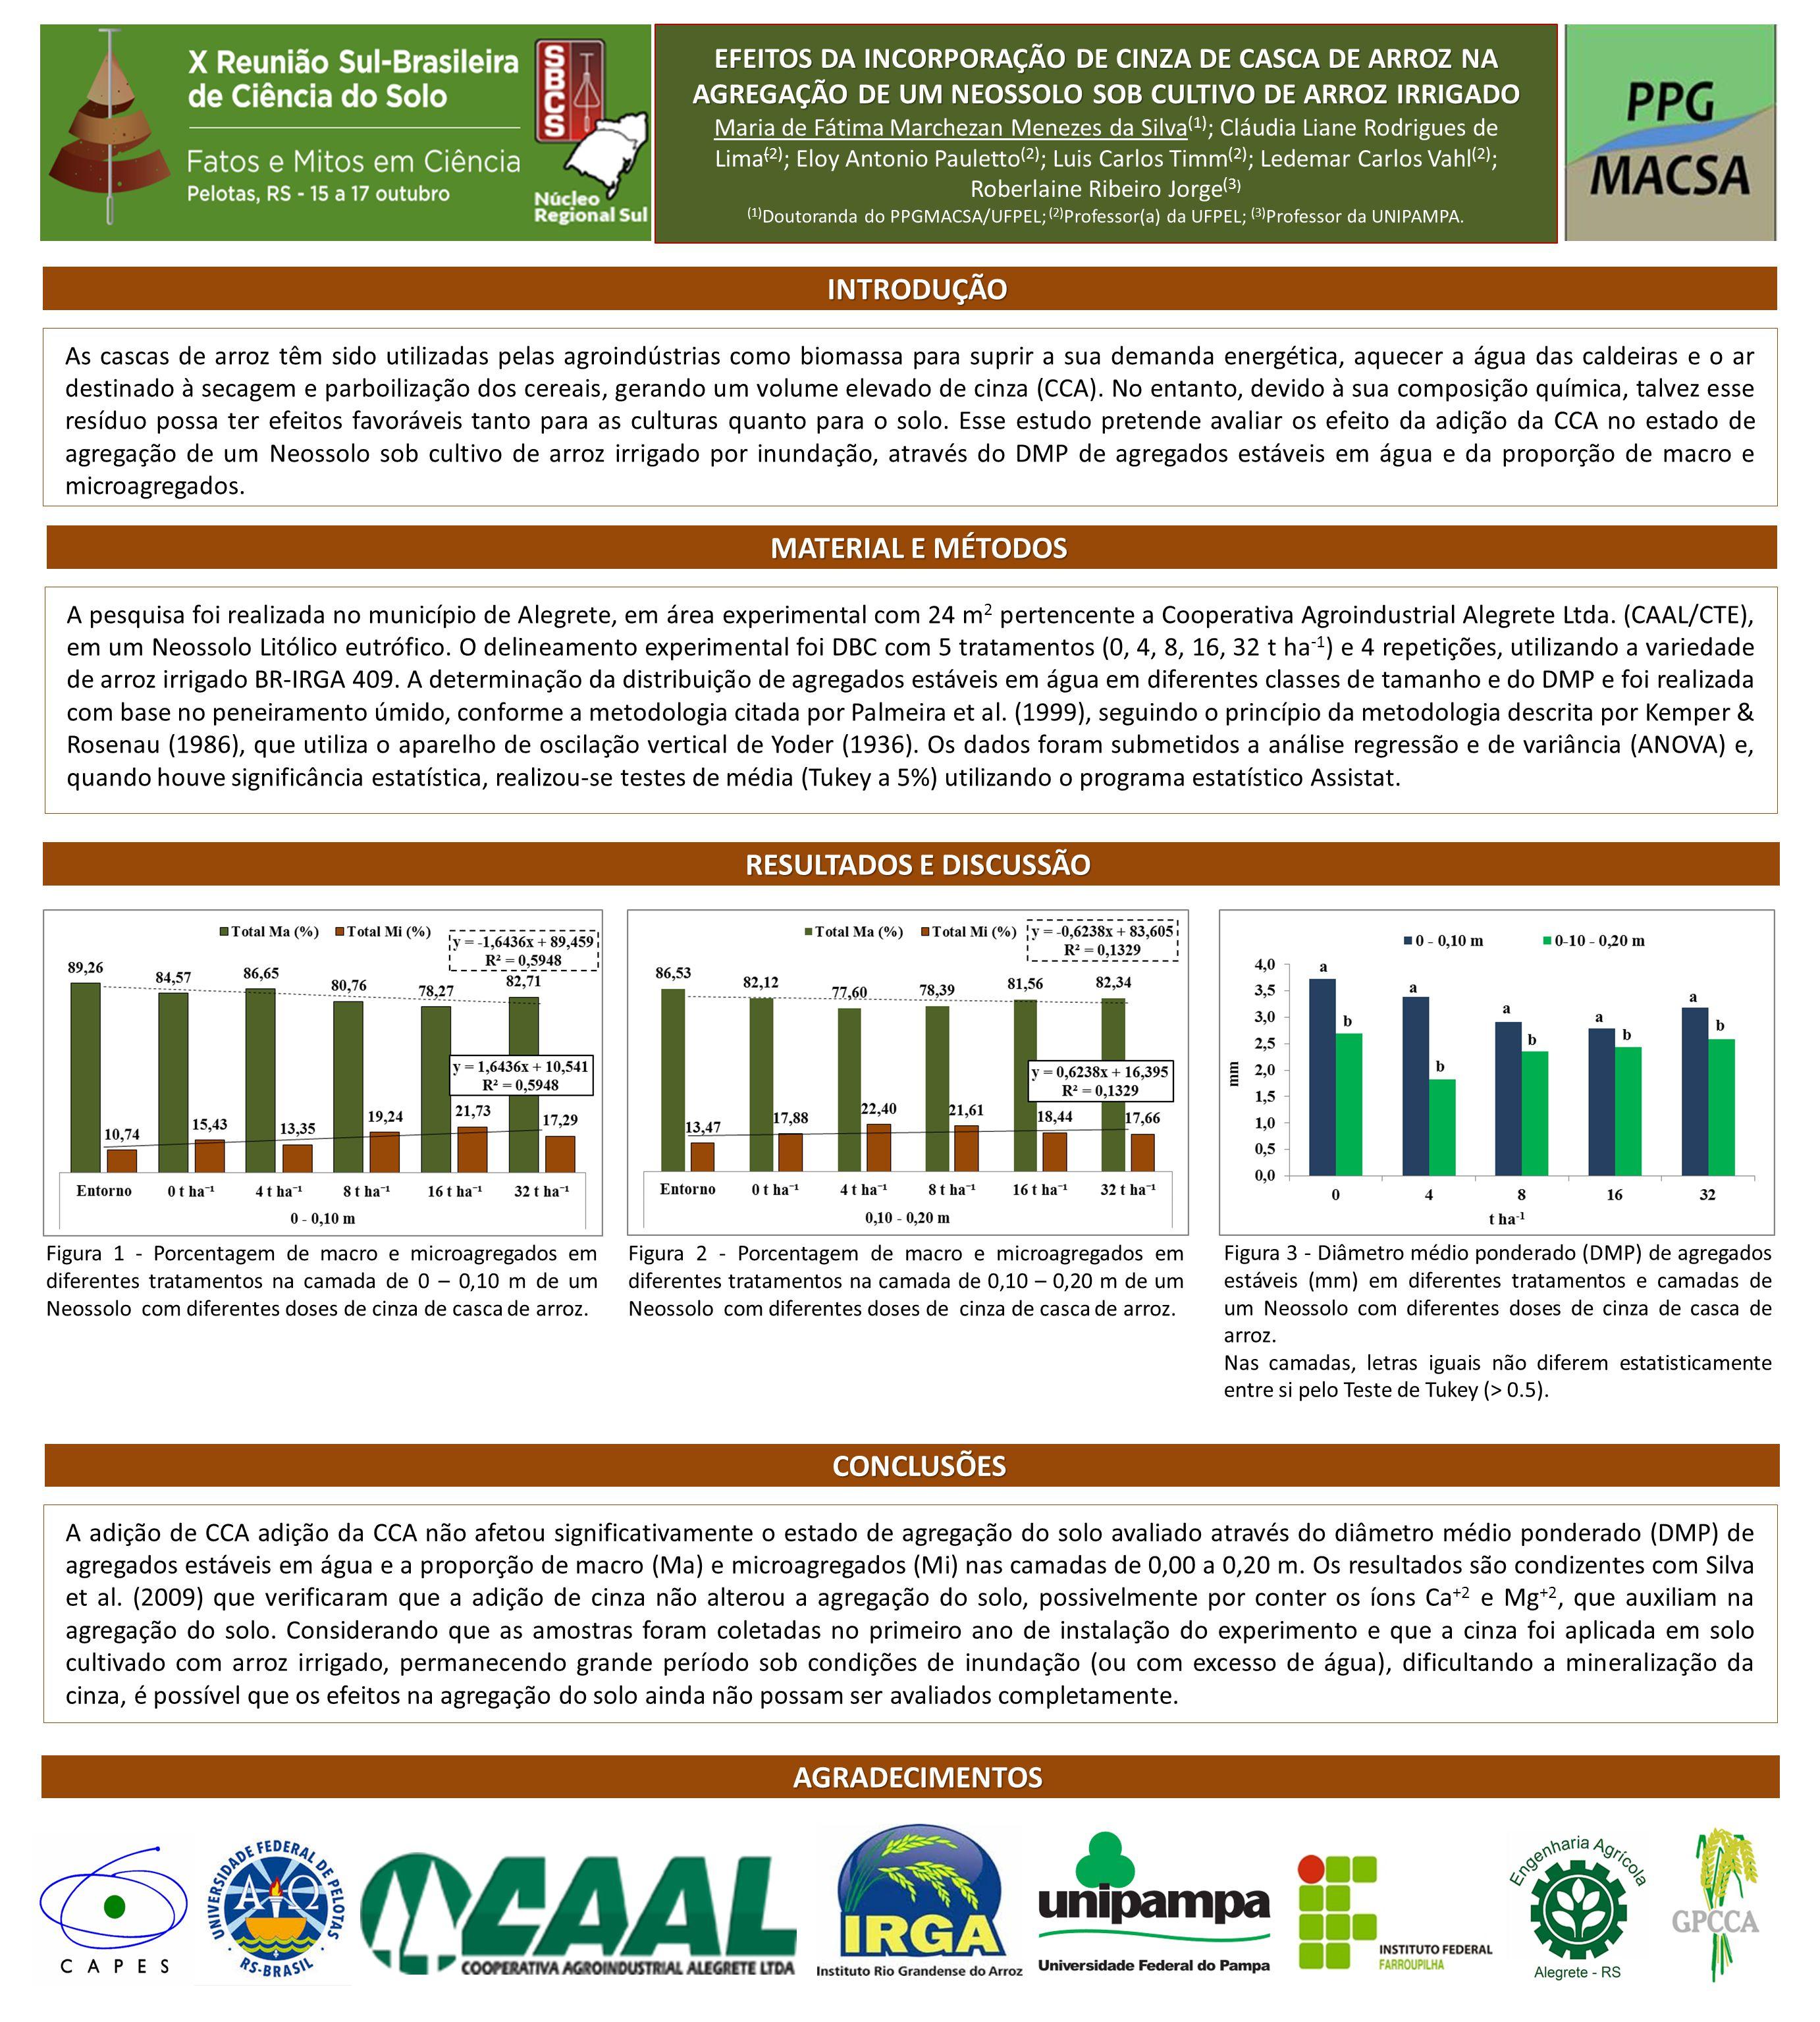 As cascas de arroz têm sido utilizadas pelas agroindústrias como biomassa para suprir a sua demanda energética, aquecer a água das caldeiras e o ar destinado à secagem e parboilização dos cereais, gerando um volume elevado de cinza (CCA).